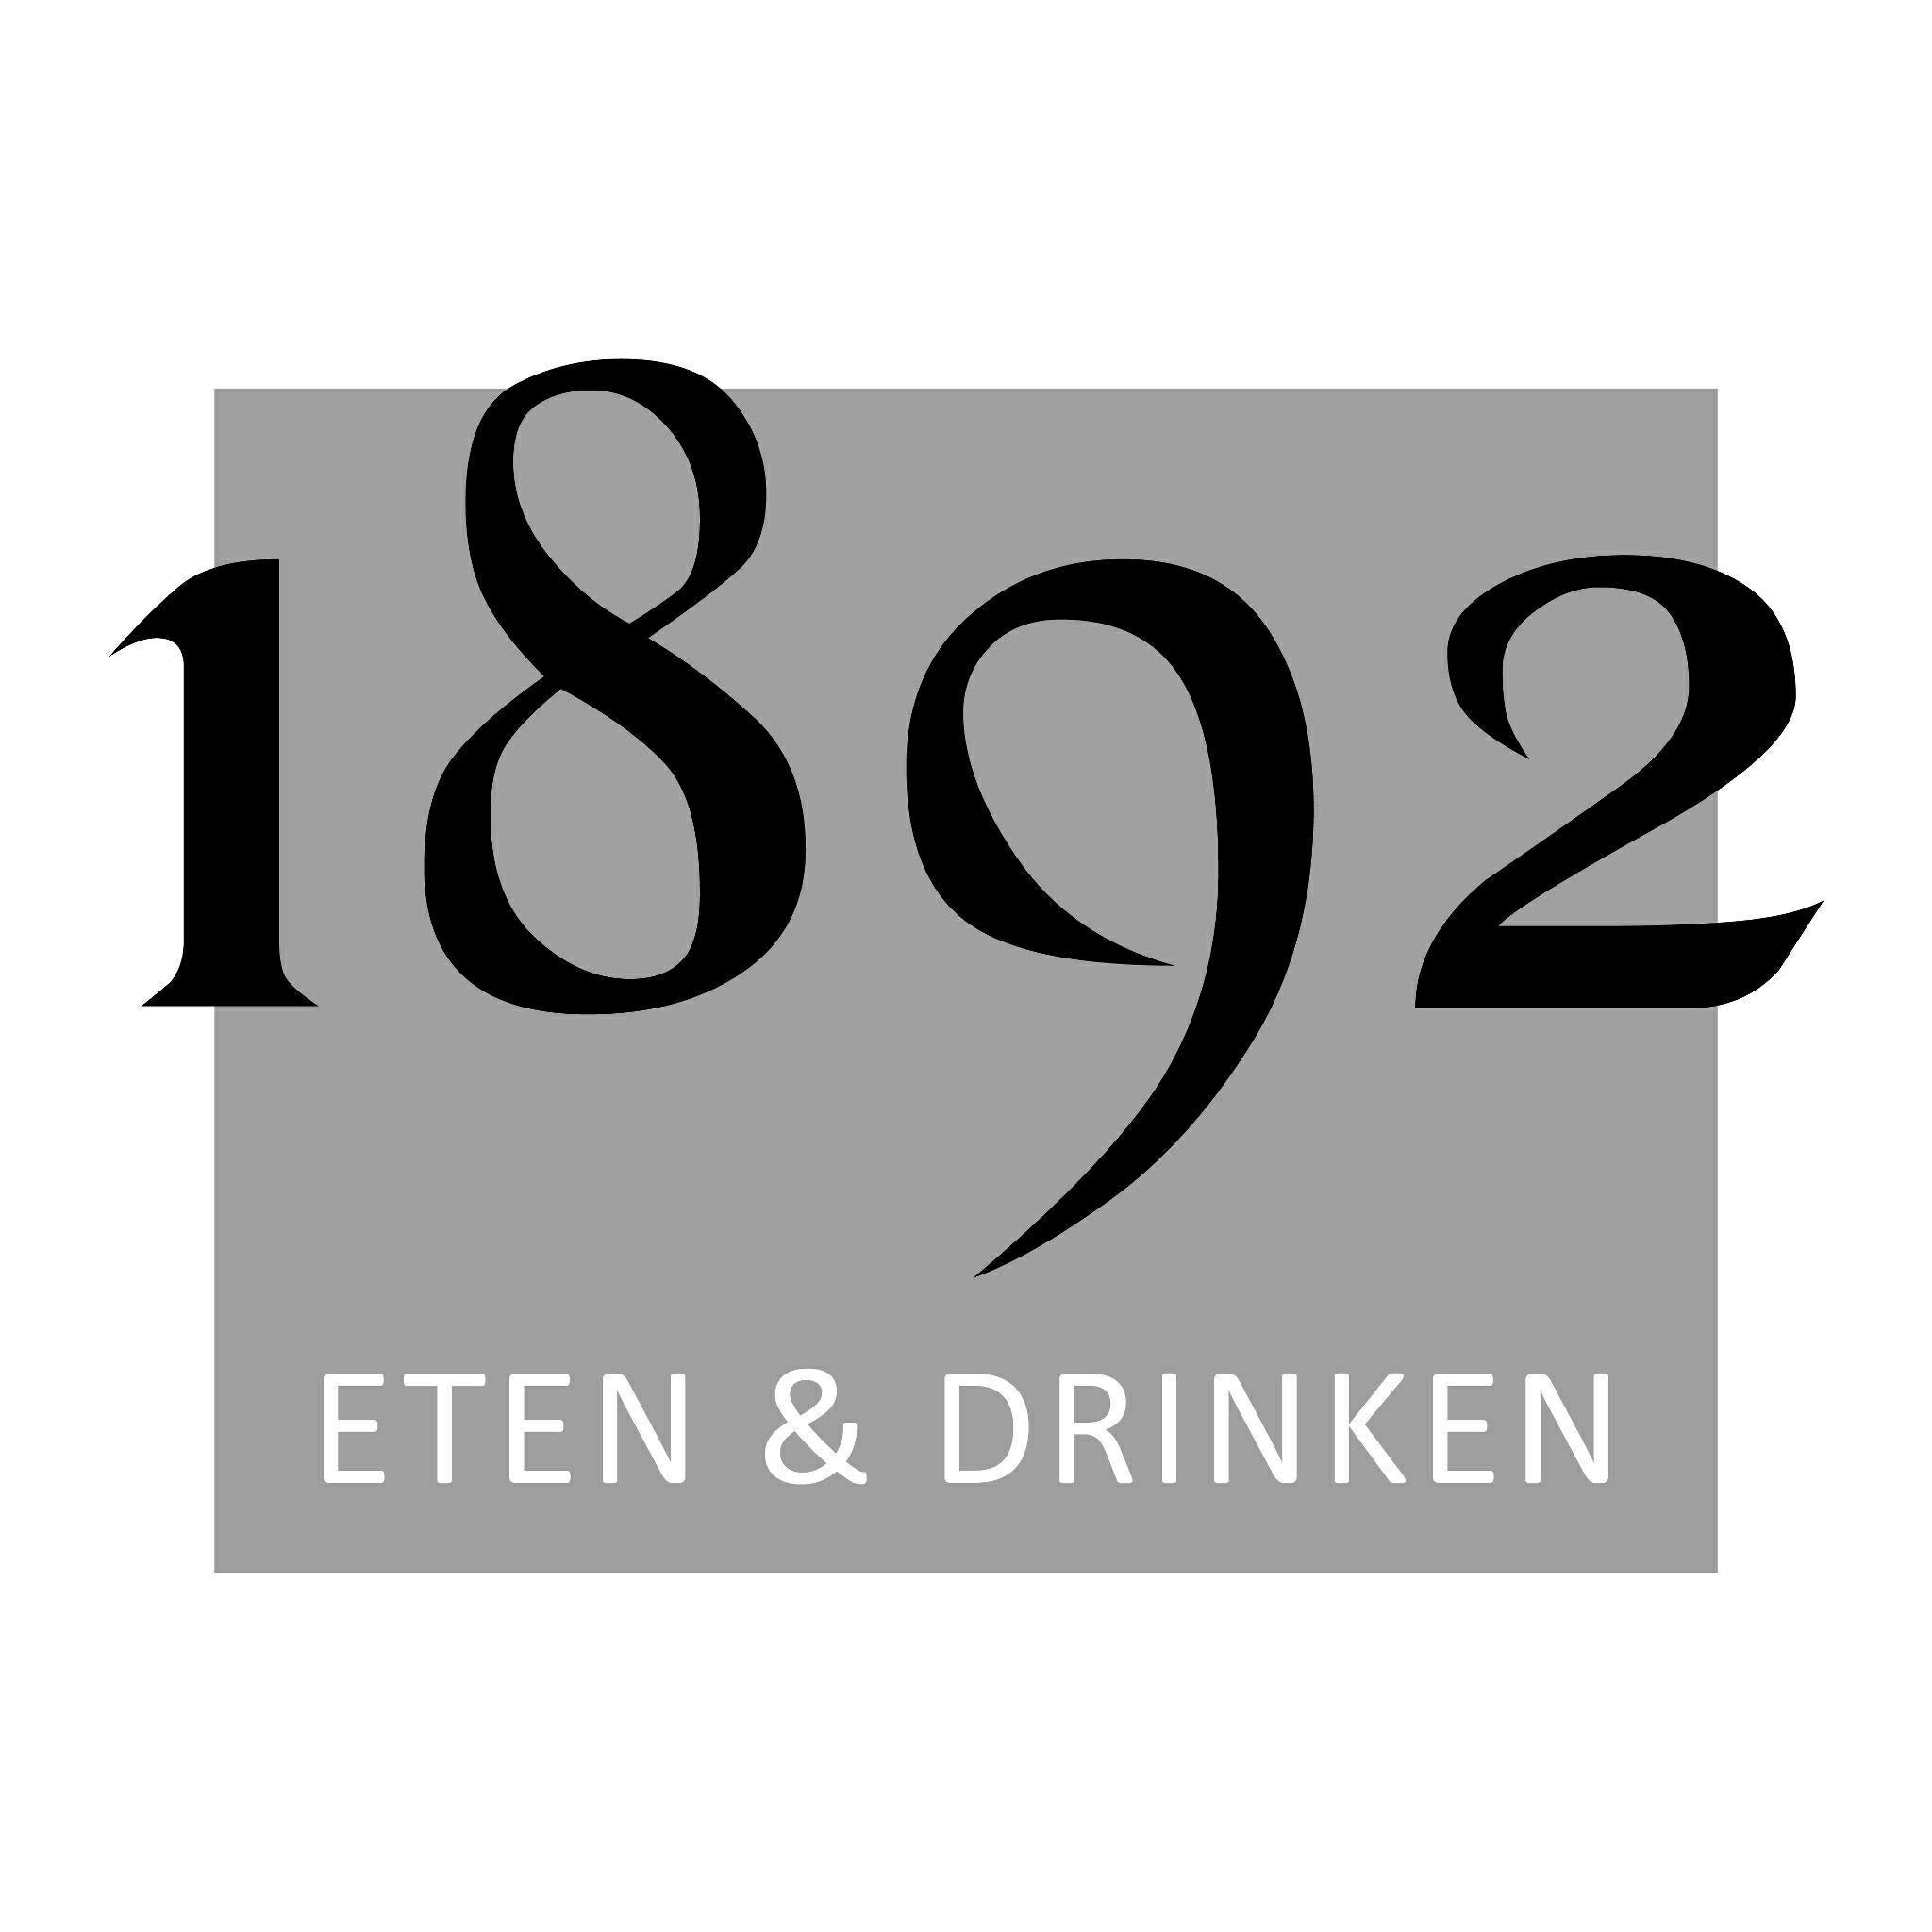 1892 eten en drinken